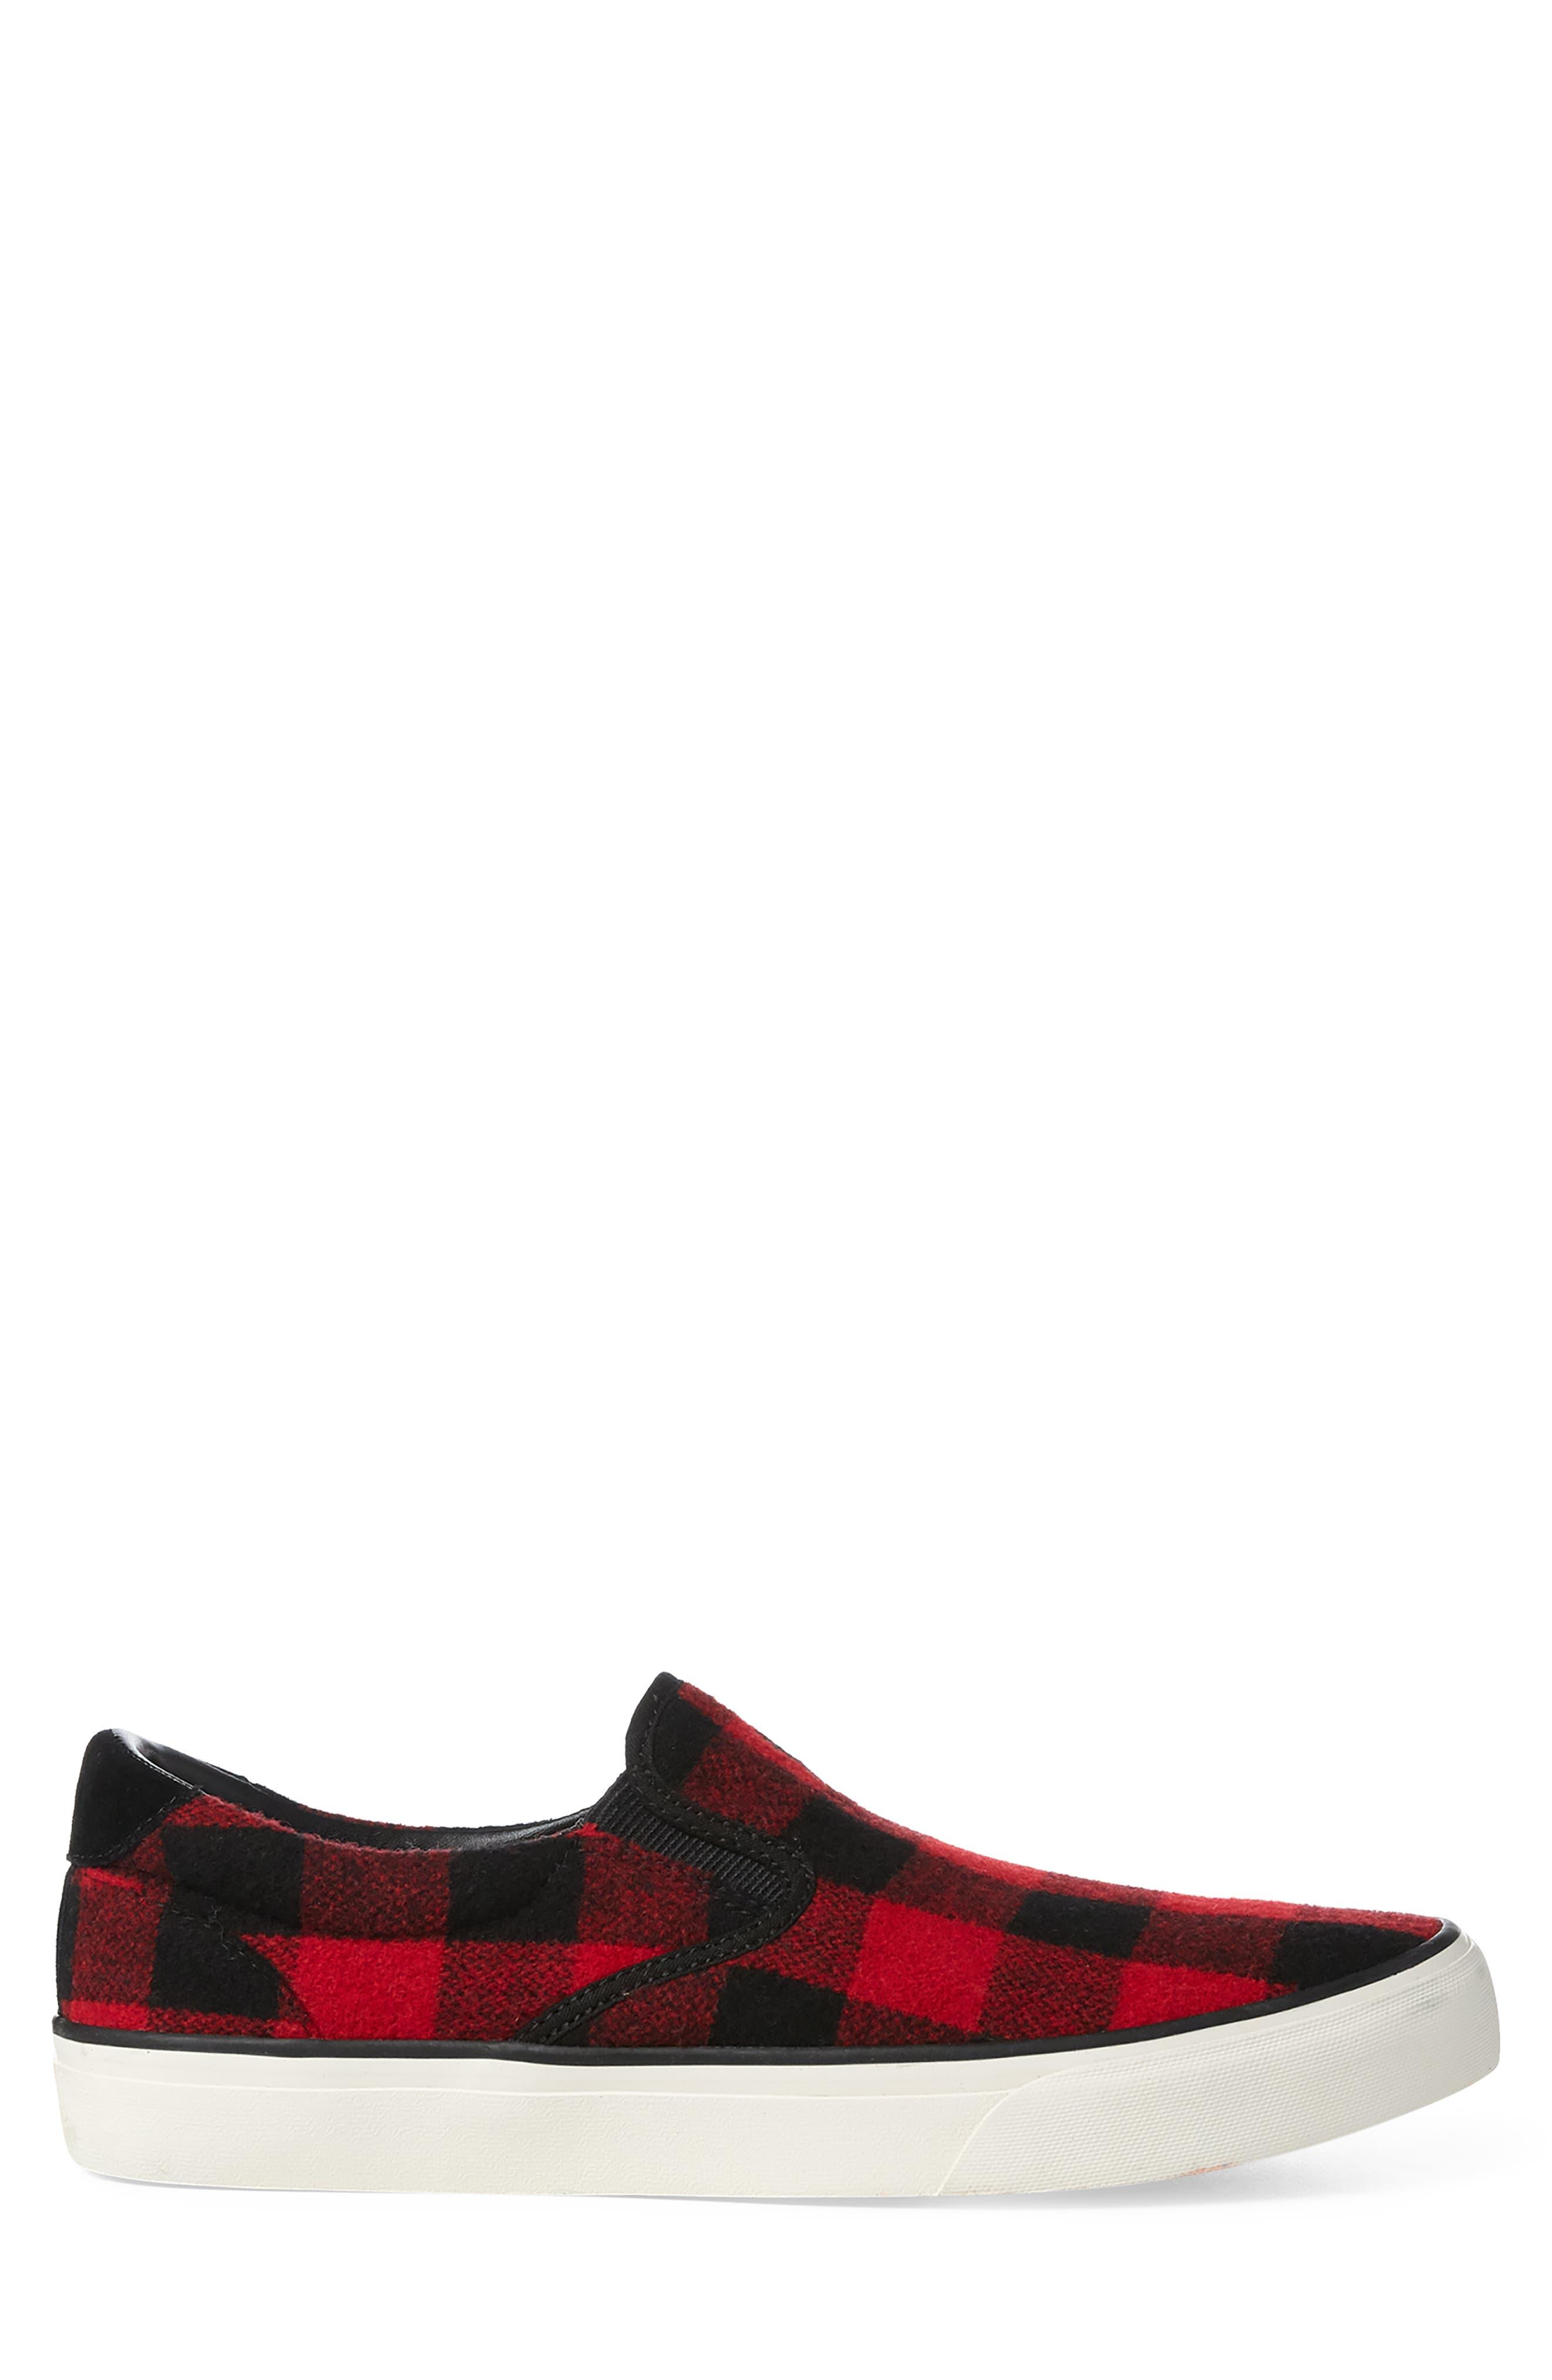 Thompson Wool Slip-On Sneaker,                             Alternate thumbnail 2, color,                             BLACK / RED